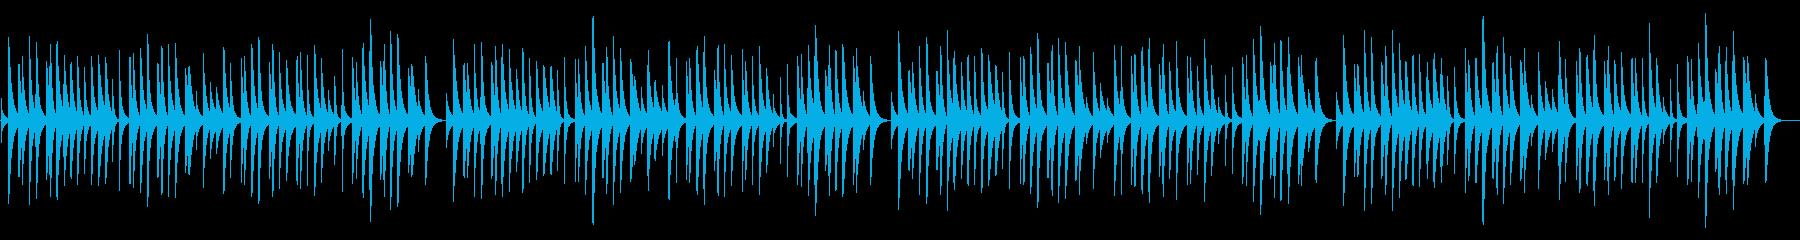 蛍の光 18弁オルゴールの再生済みの波形